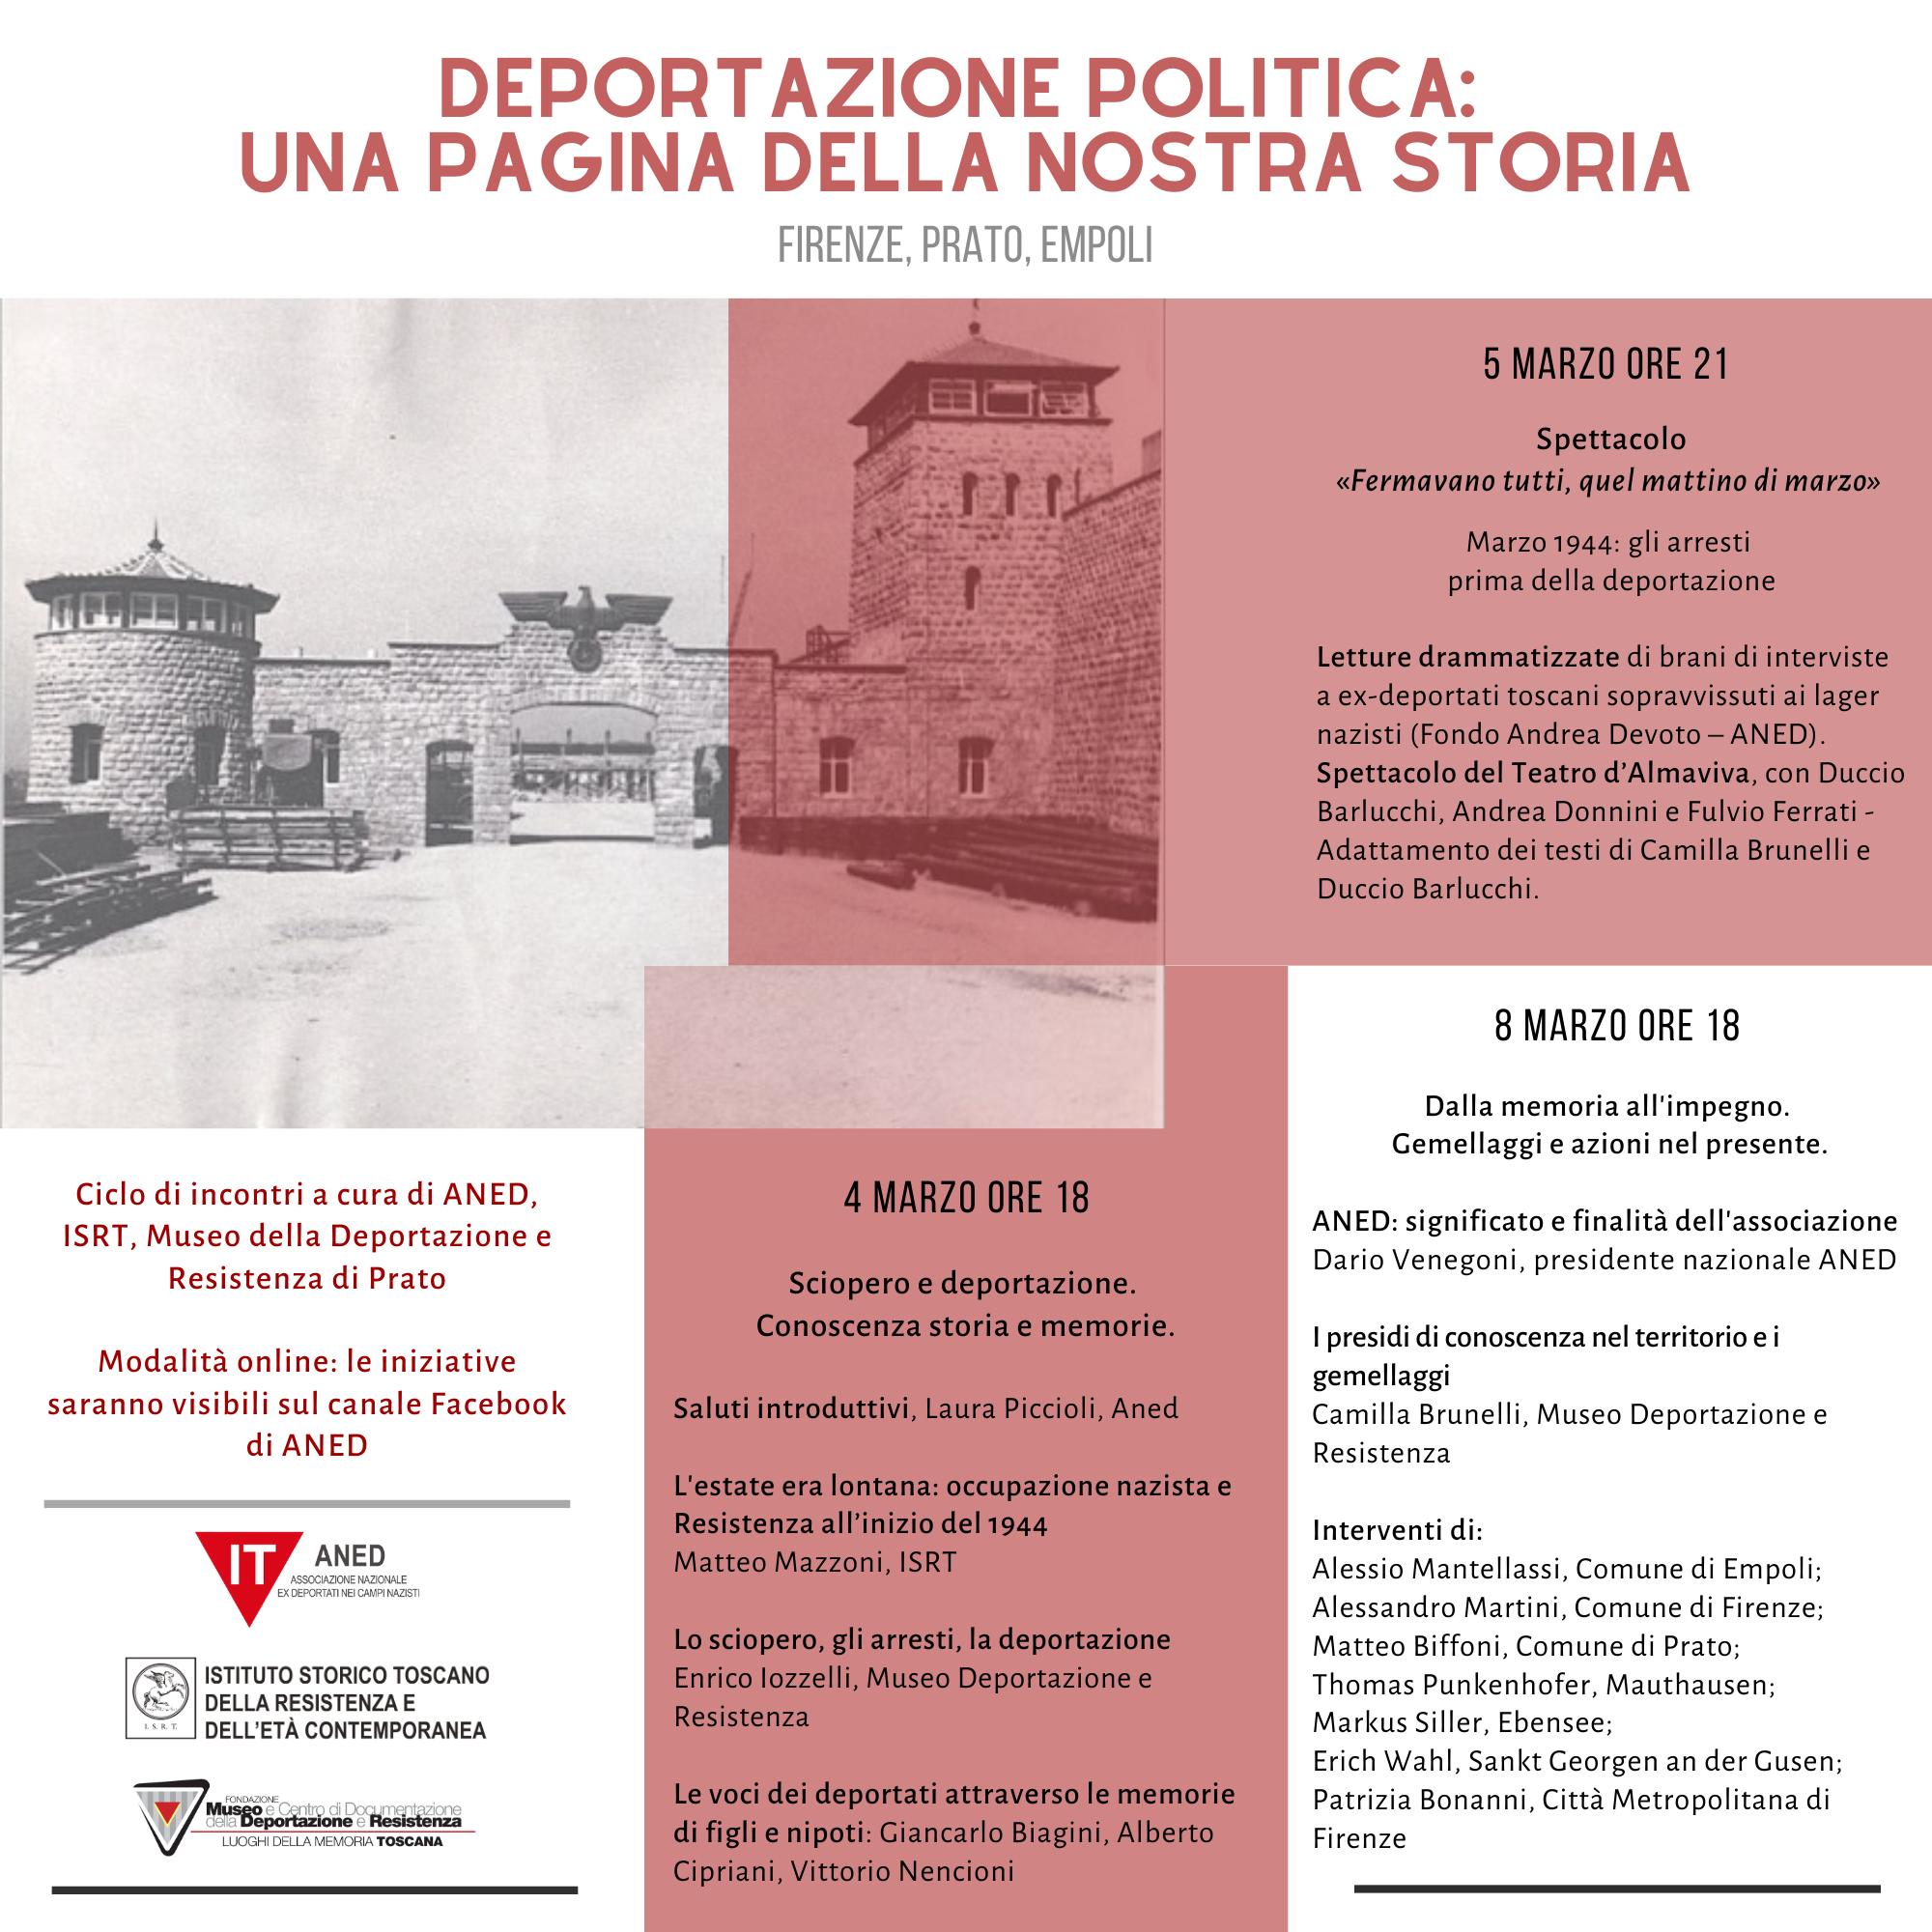 Deportazione politica-3